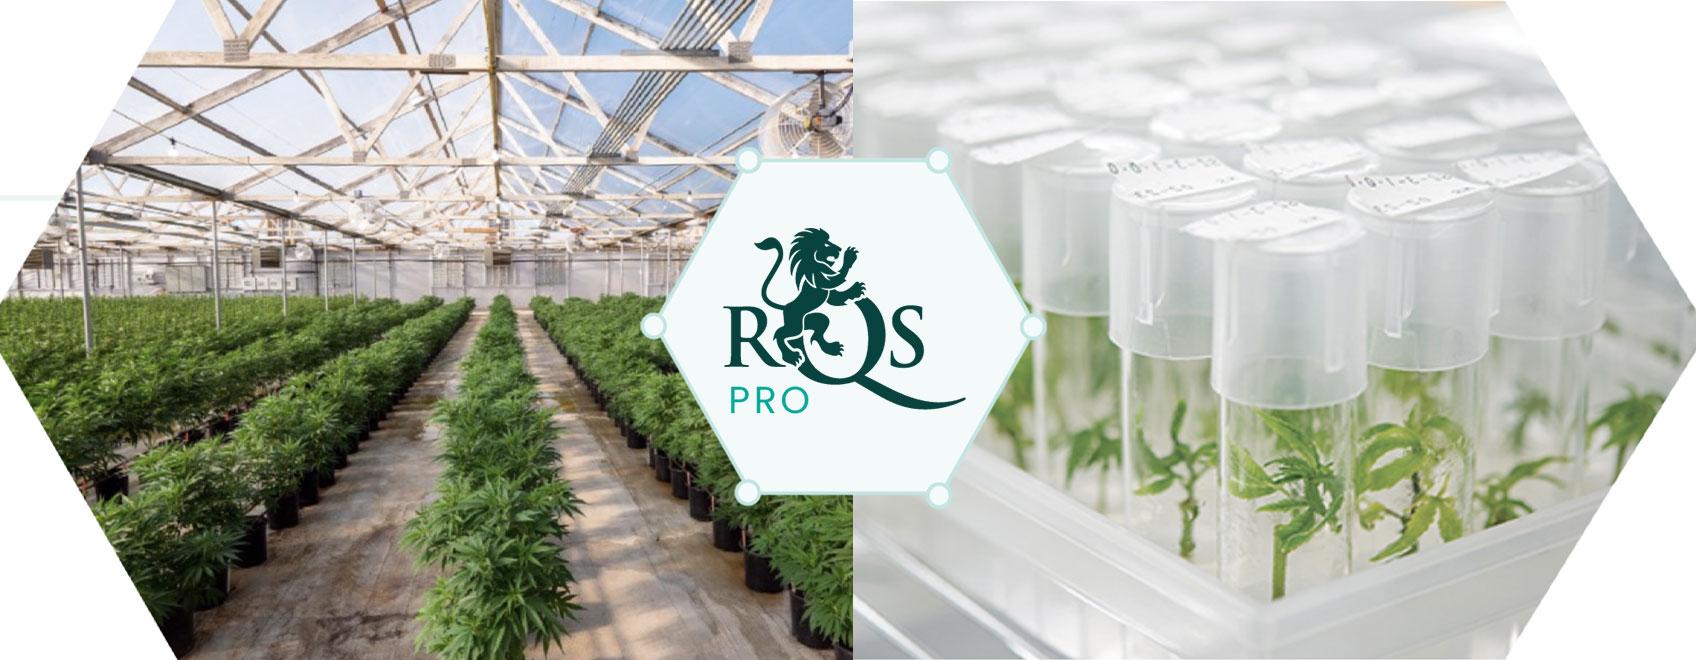 RQS Pro ledande cannabisinnovation och utveckling